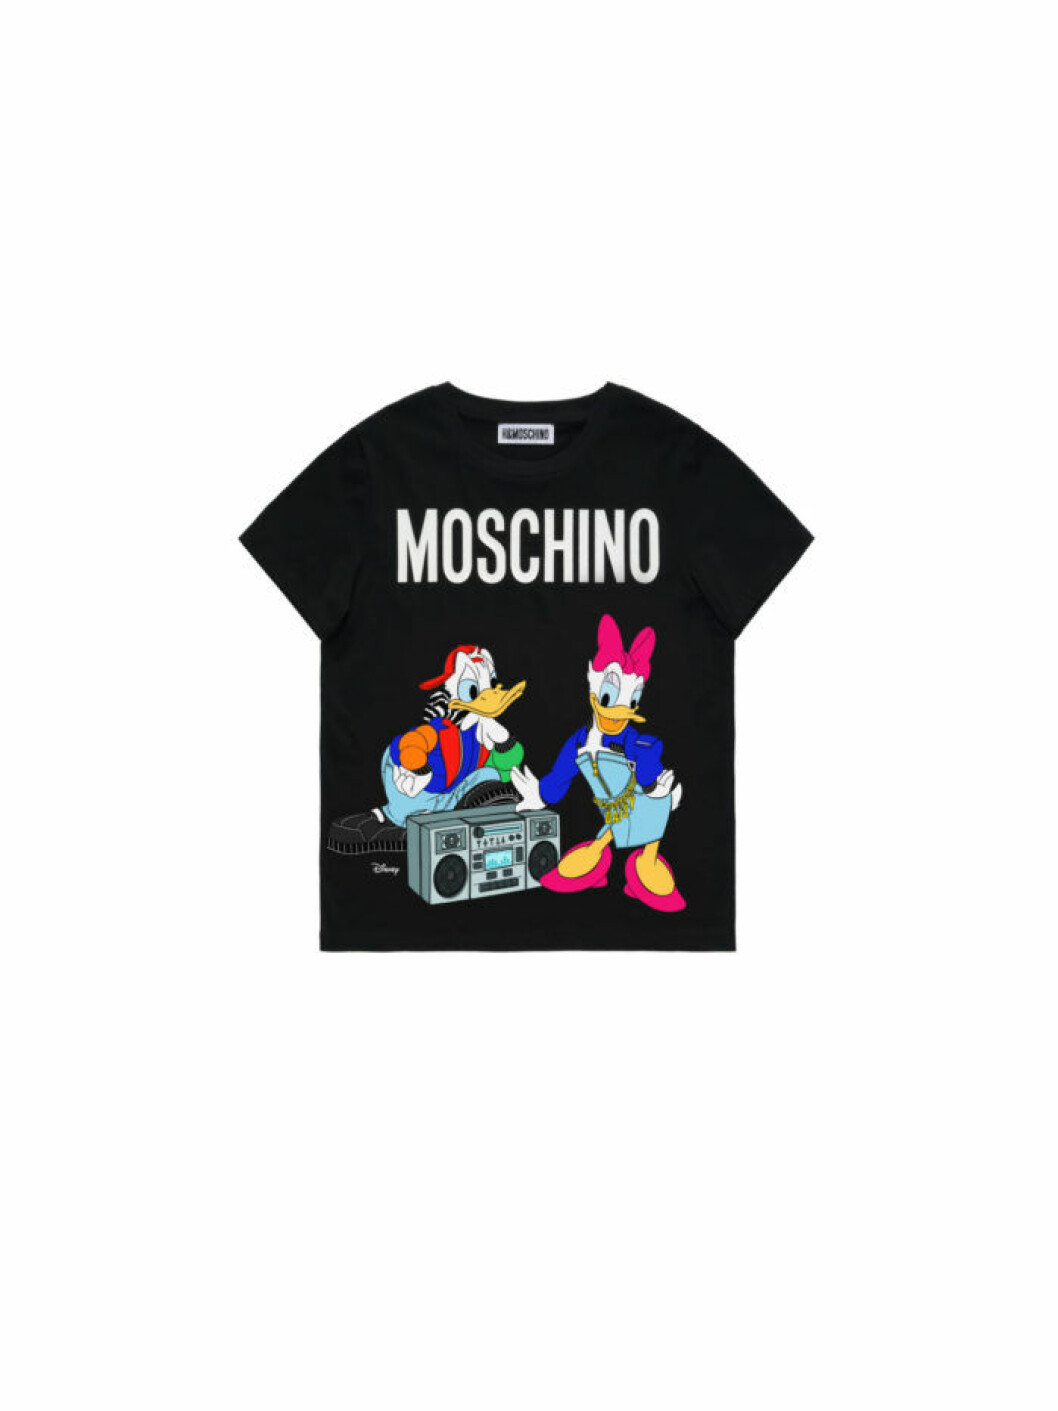 Kalle och Kajsa Anka på en svart t-shirt Moschino [tv] H&M